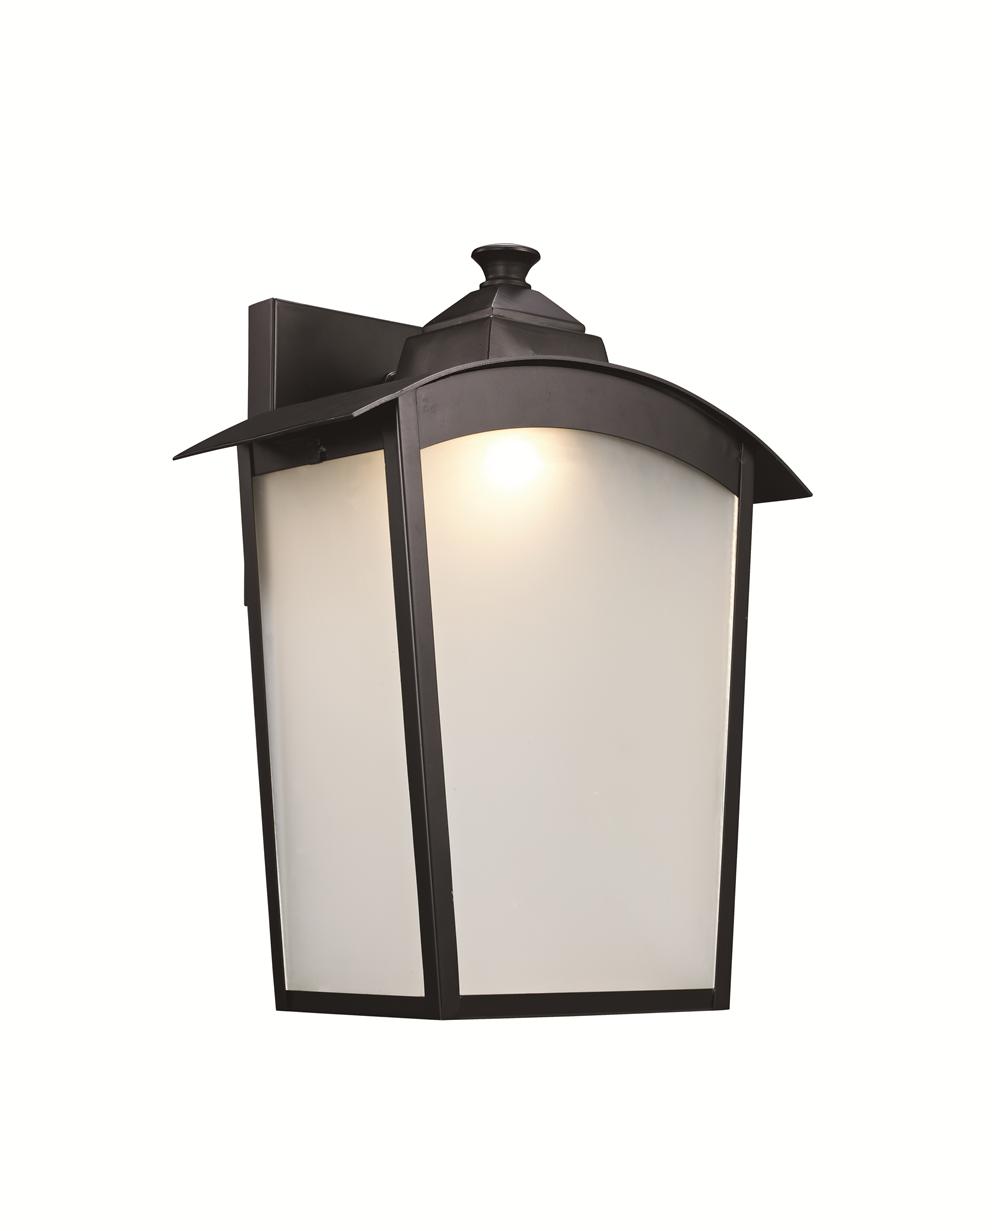 4080 Outdoor Wall Light   Trans Globe at Lightology